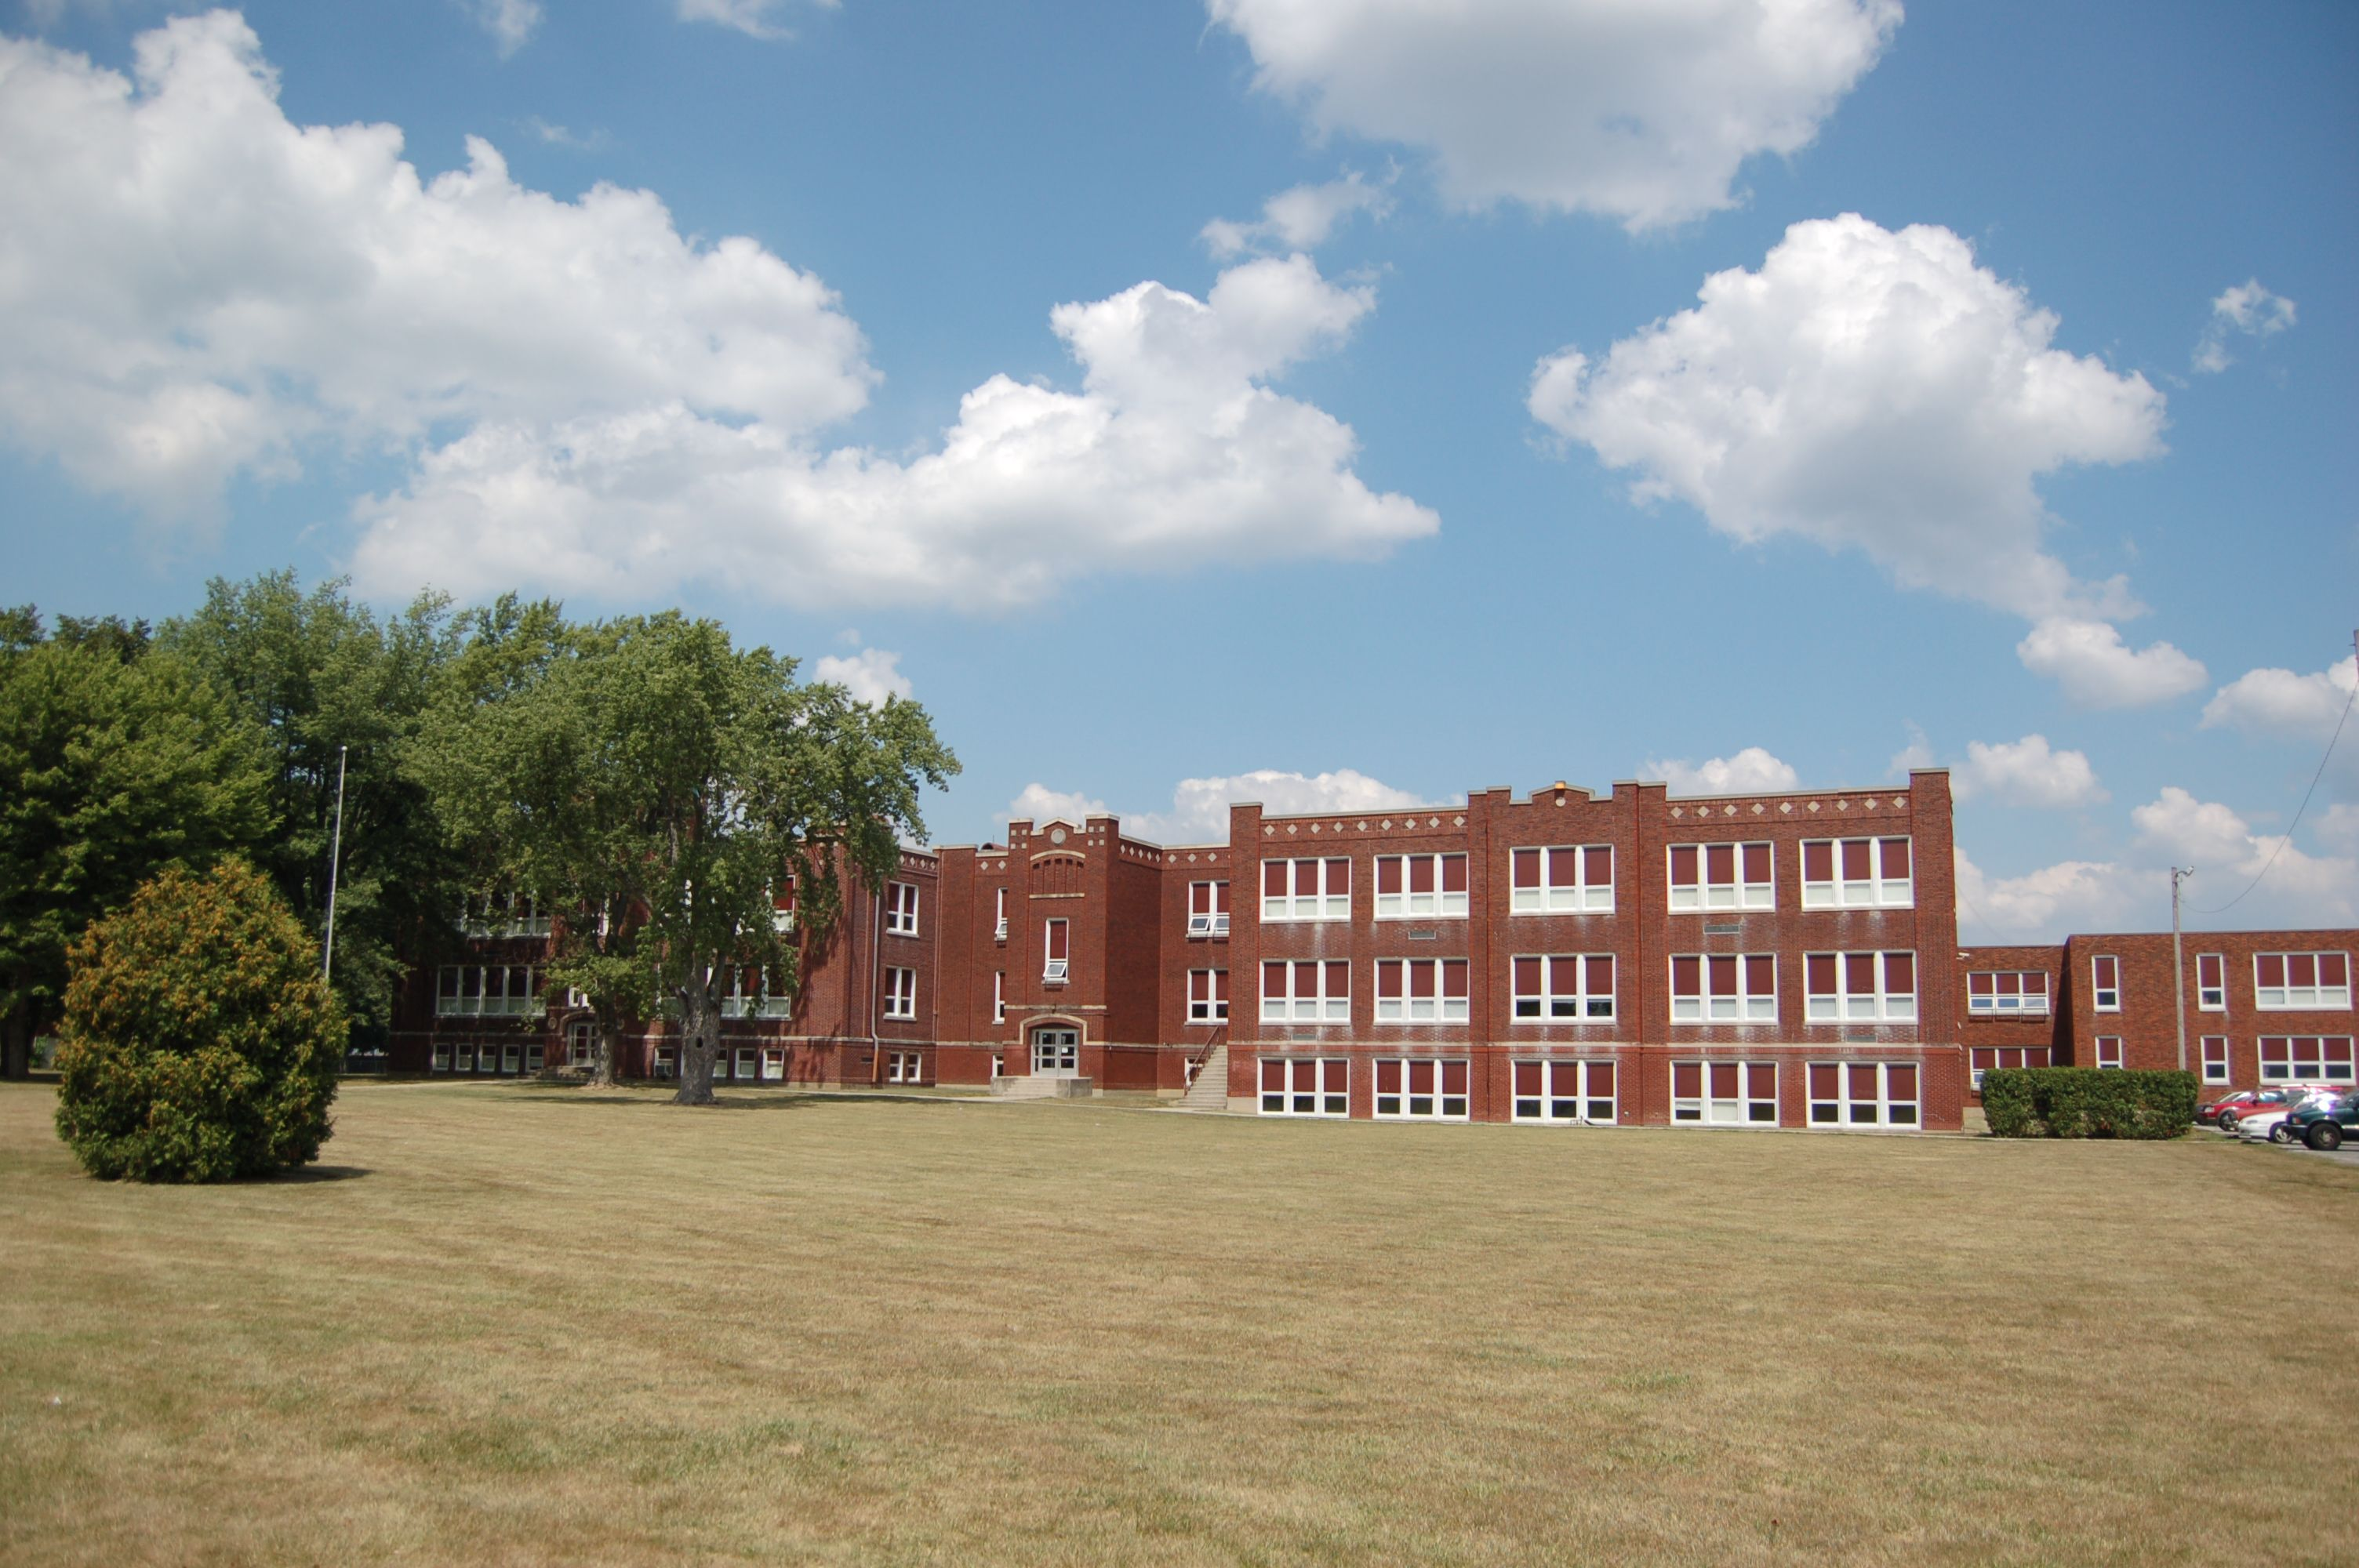 Elida High School, August 2010